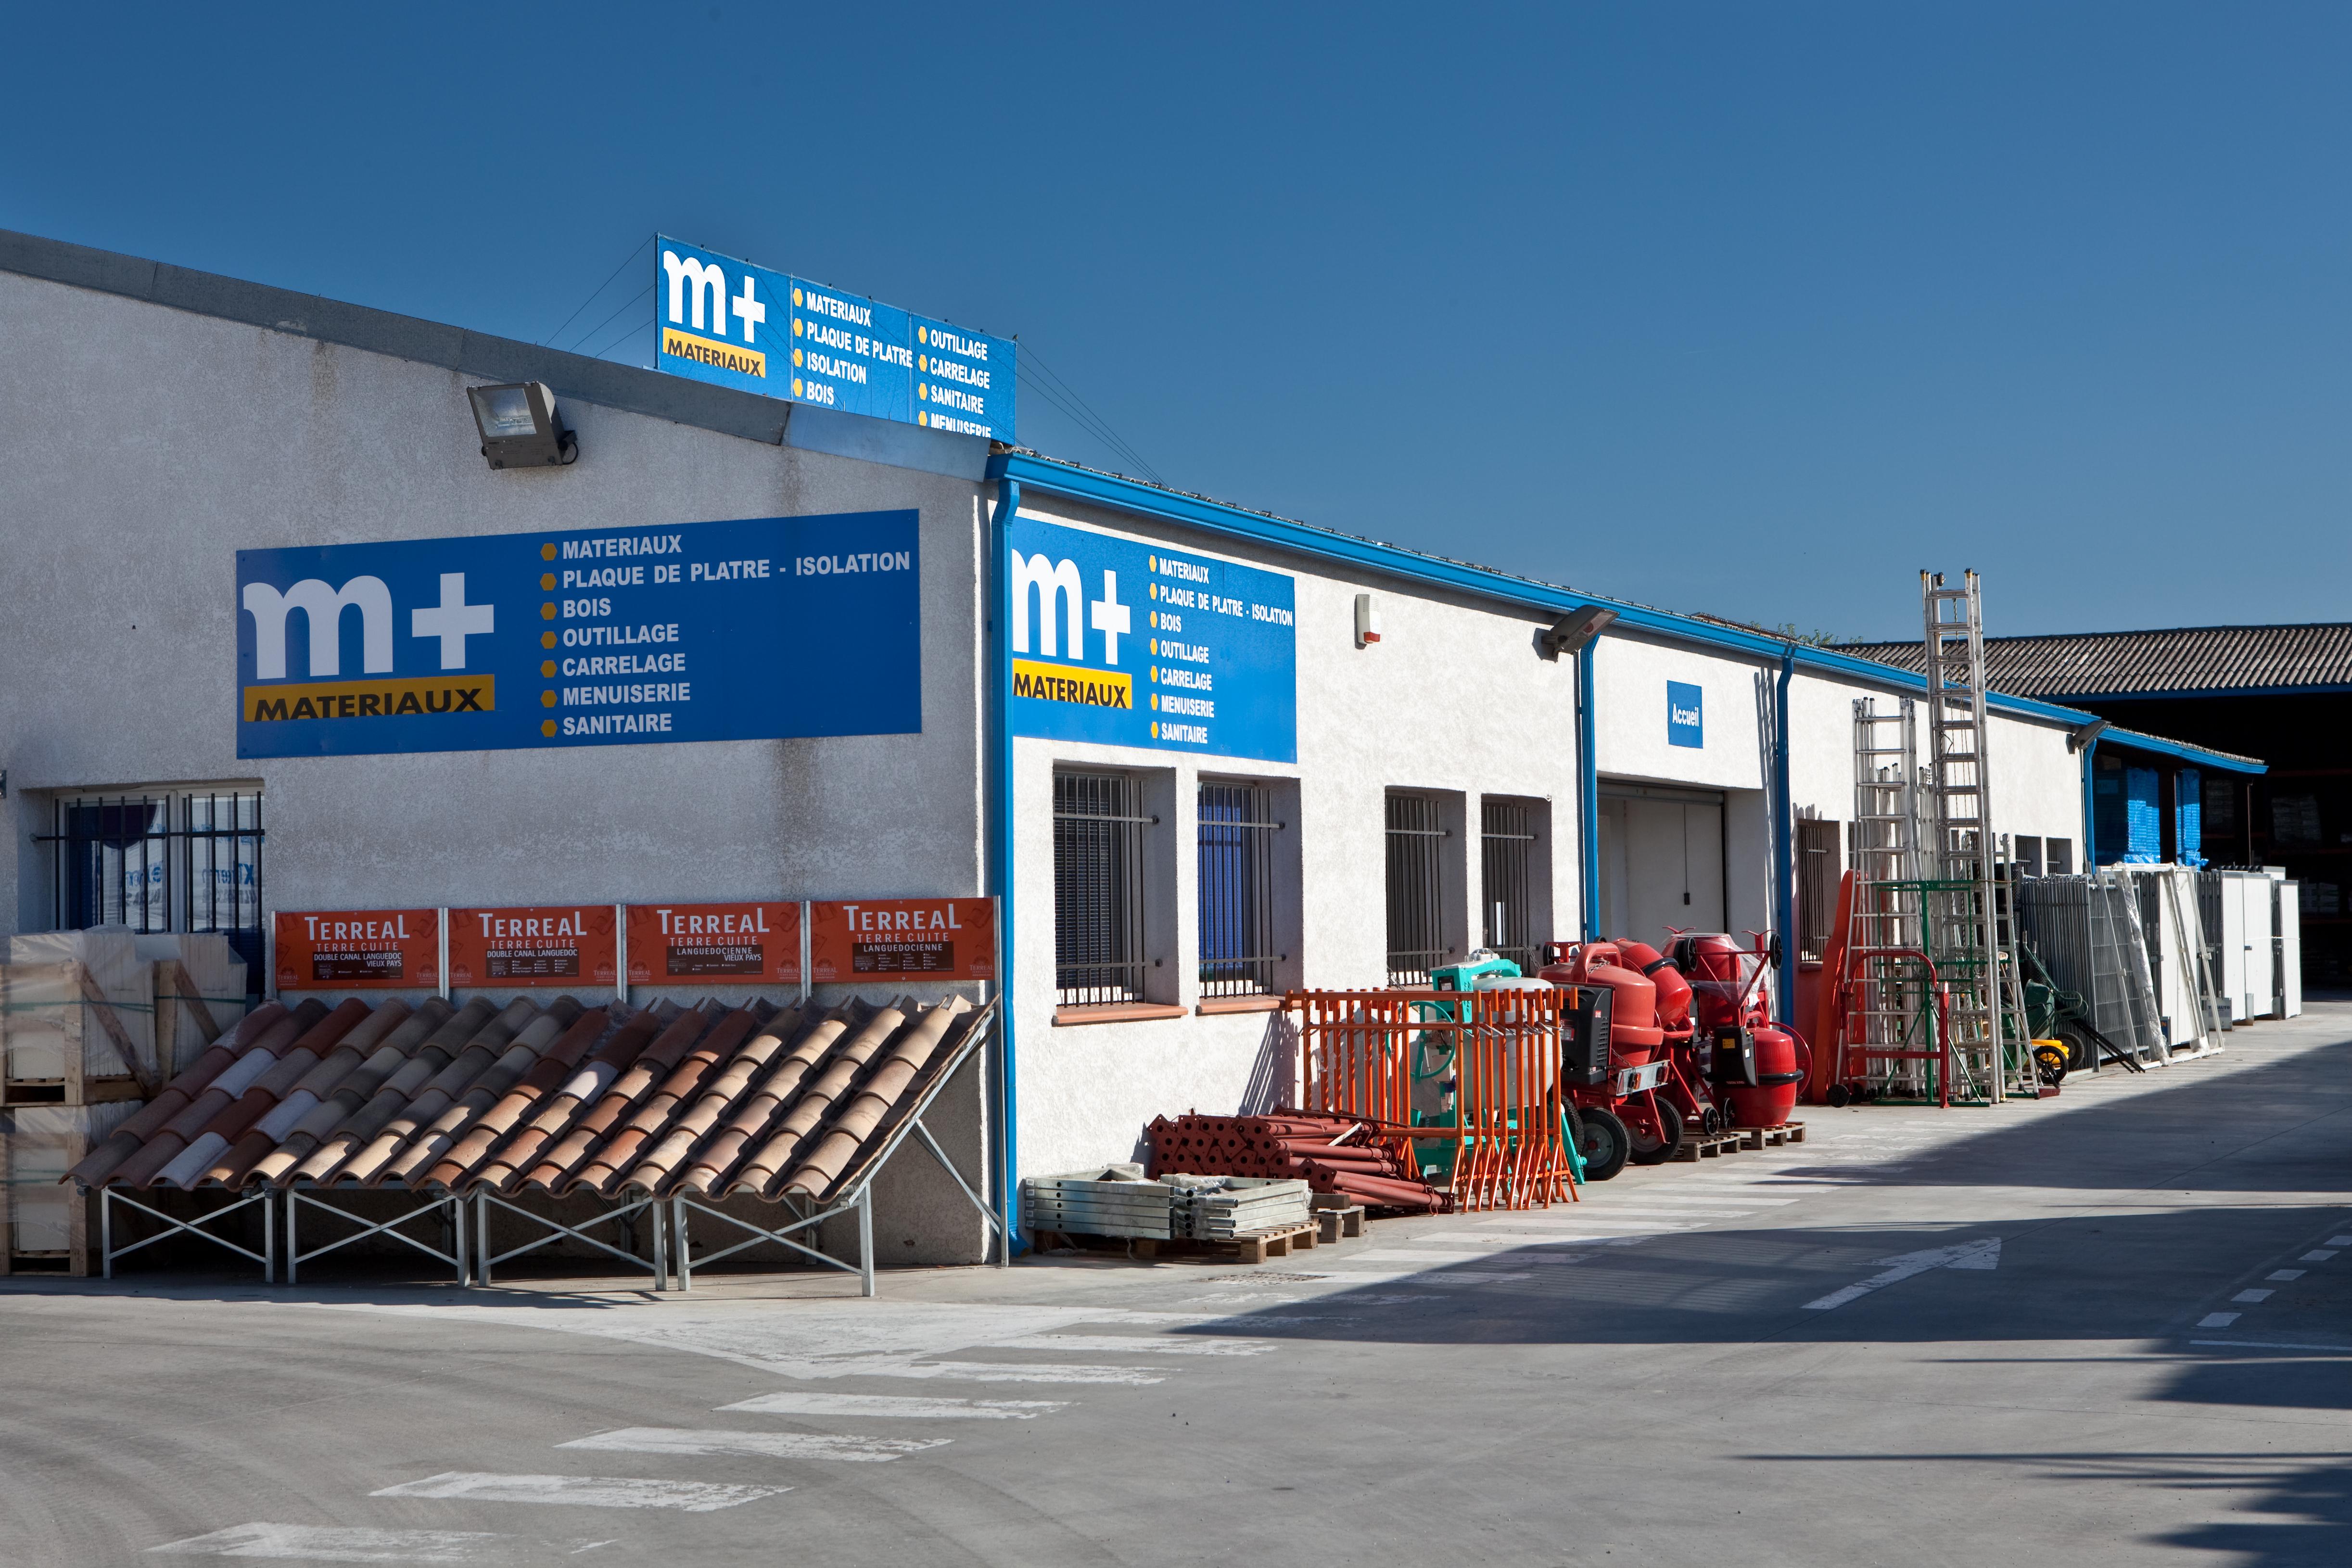 Carrelage Du Grand Sud m+ matériaux va célébrer ses 20 ans en grand